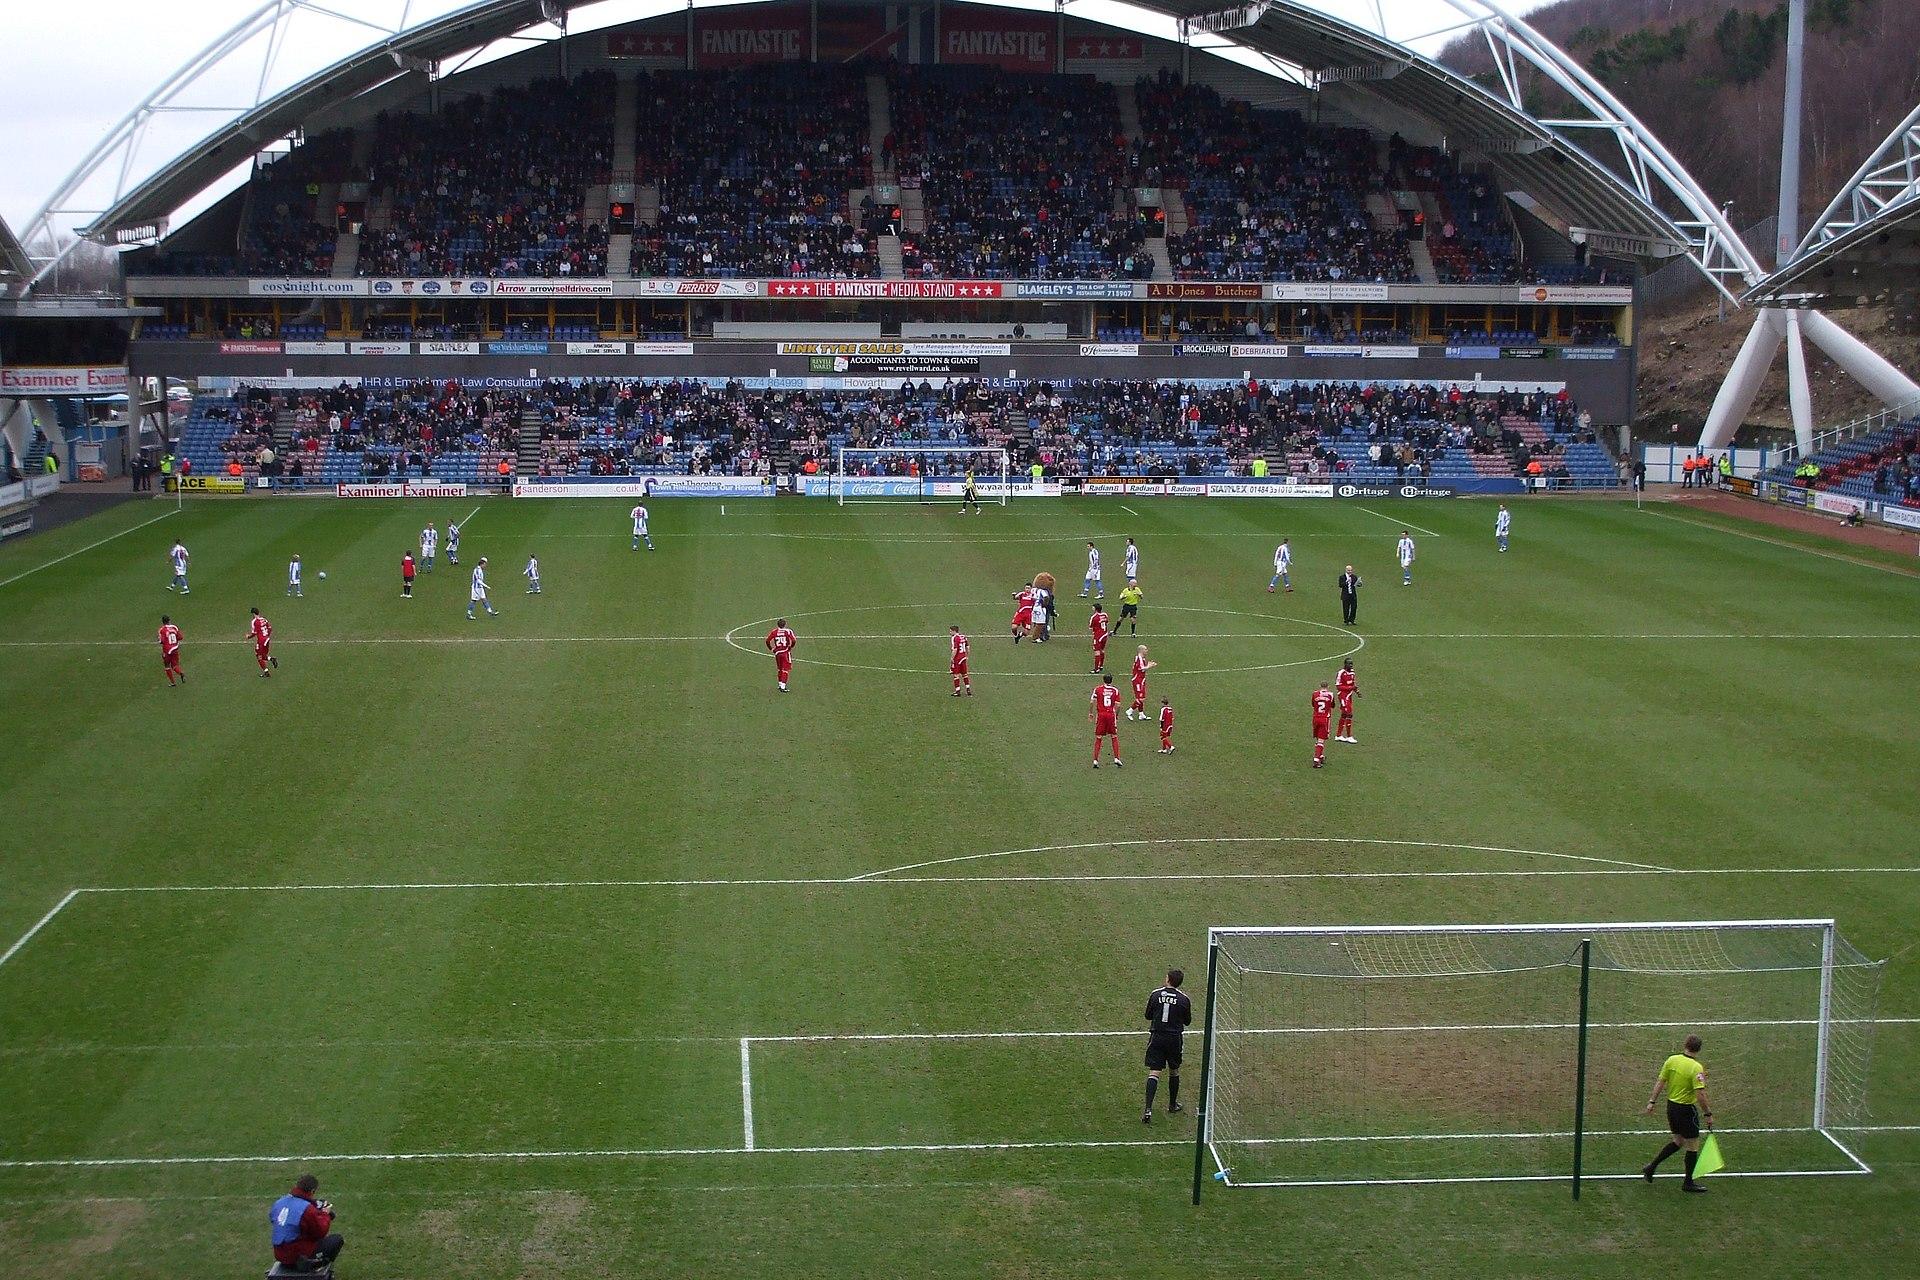 Huddersfield Town AFC - Wikipedia